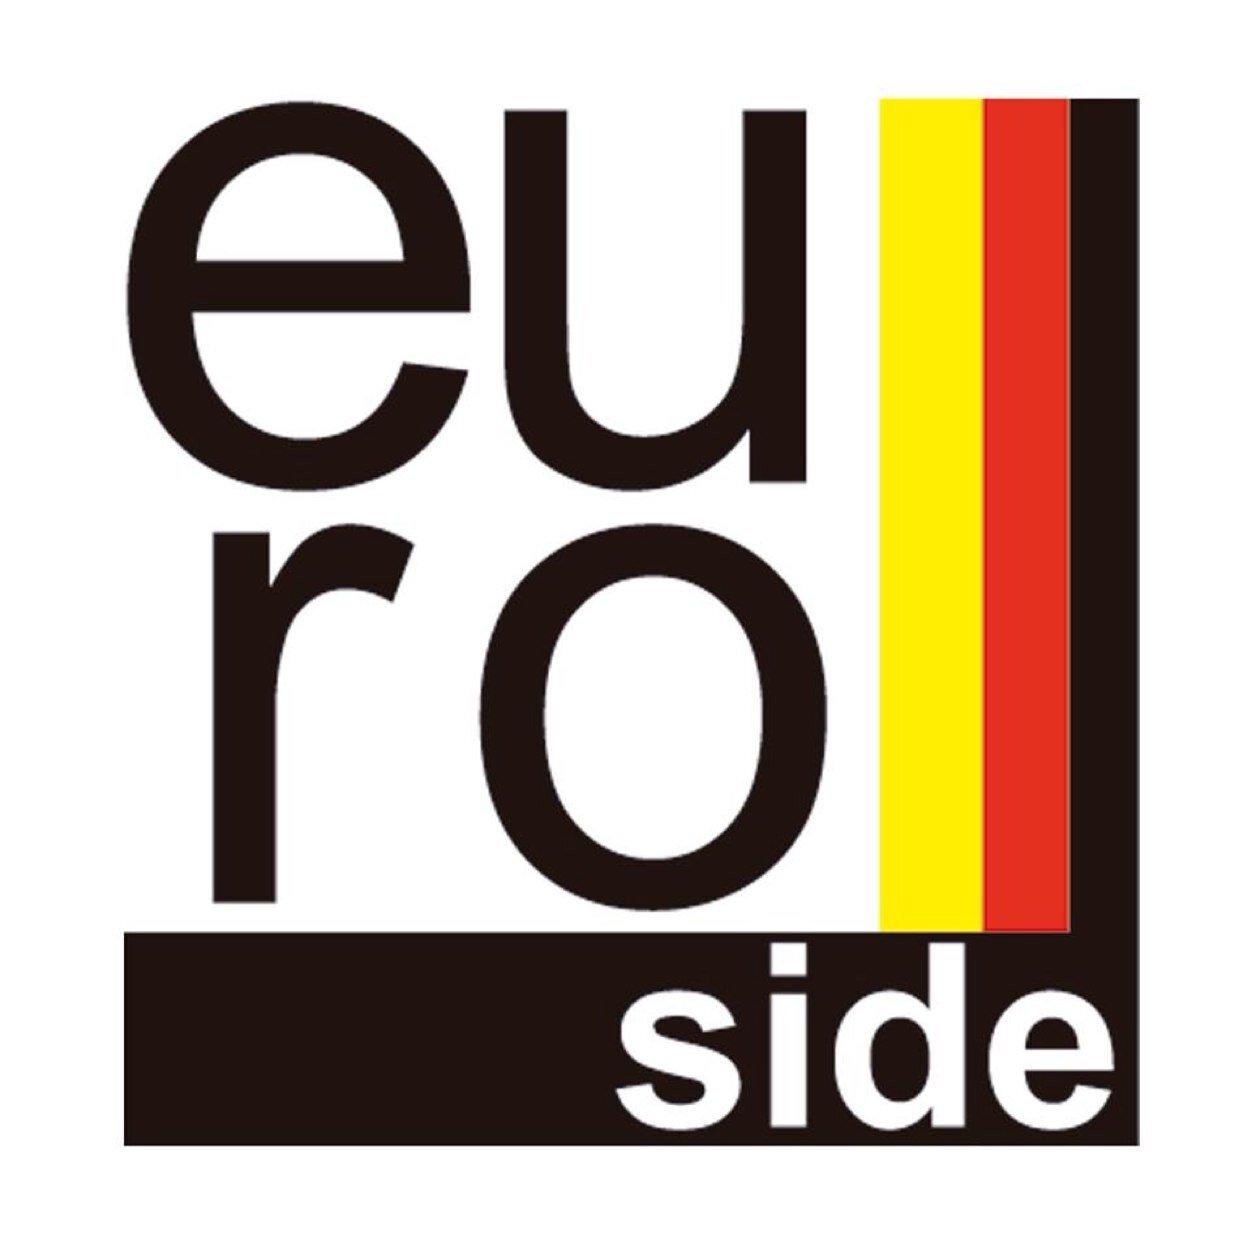 euroside (@euroside).